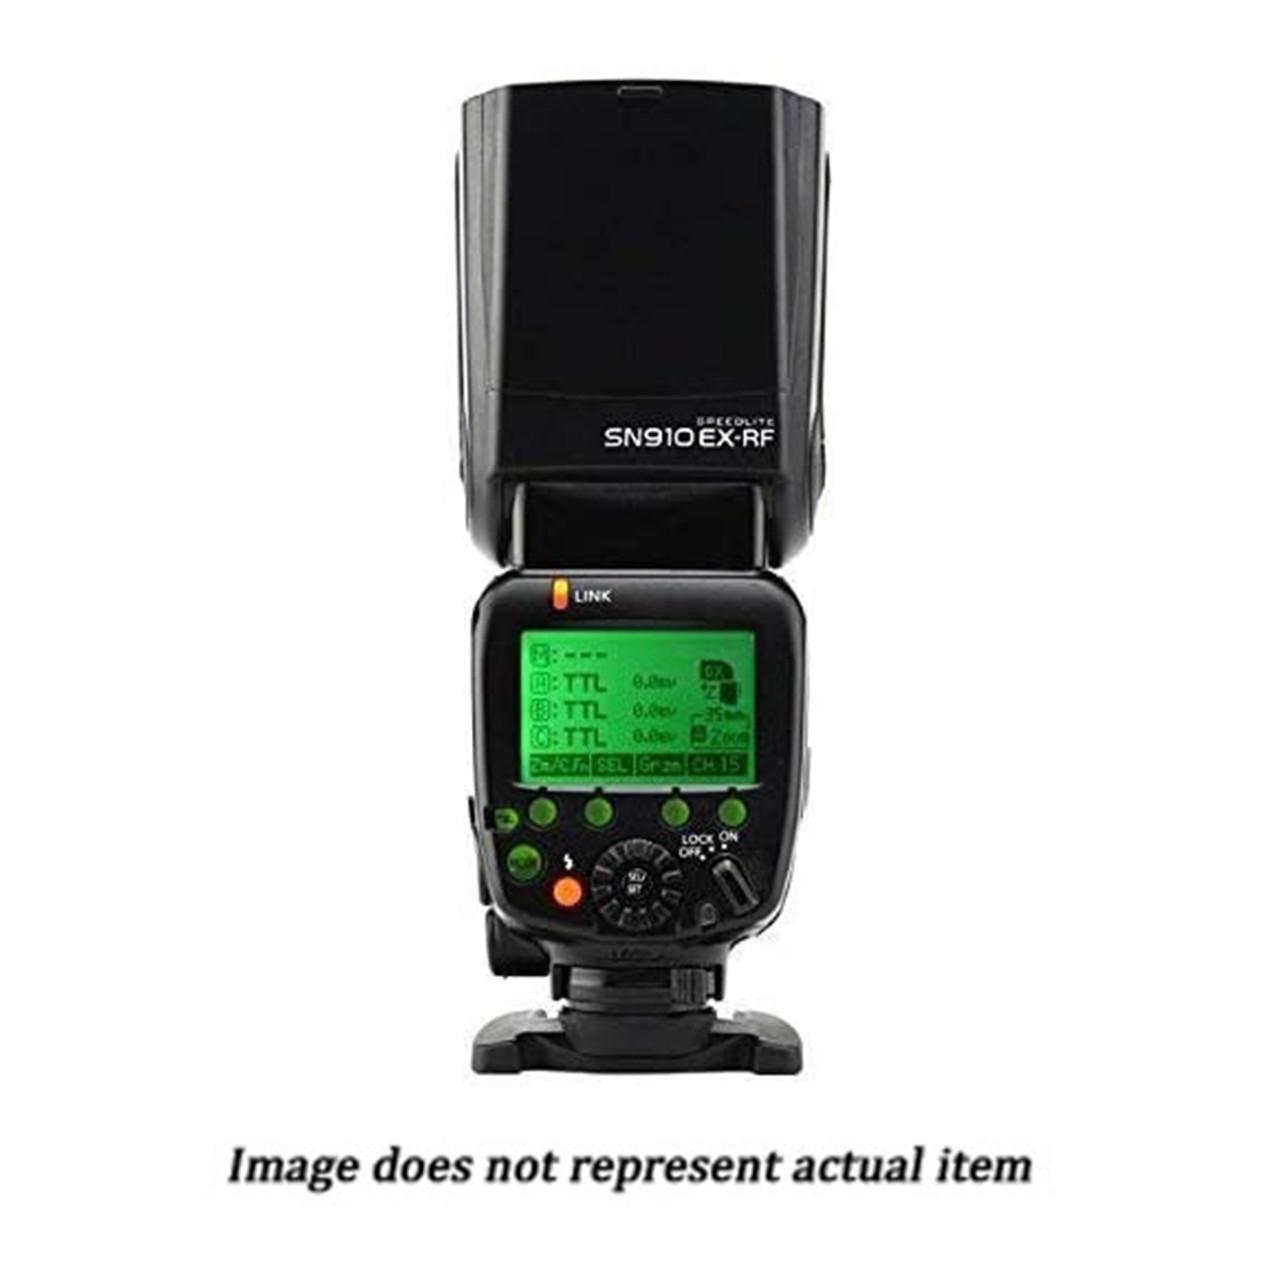 Shanny SN910EX-RF Flash for Nikon (USED) - S/N 12850135